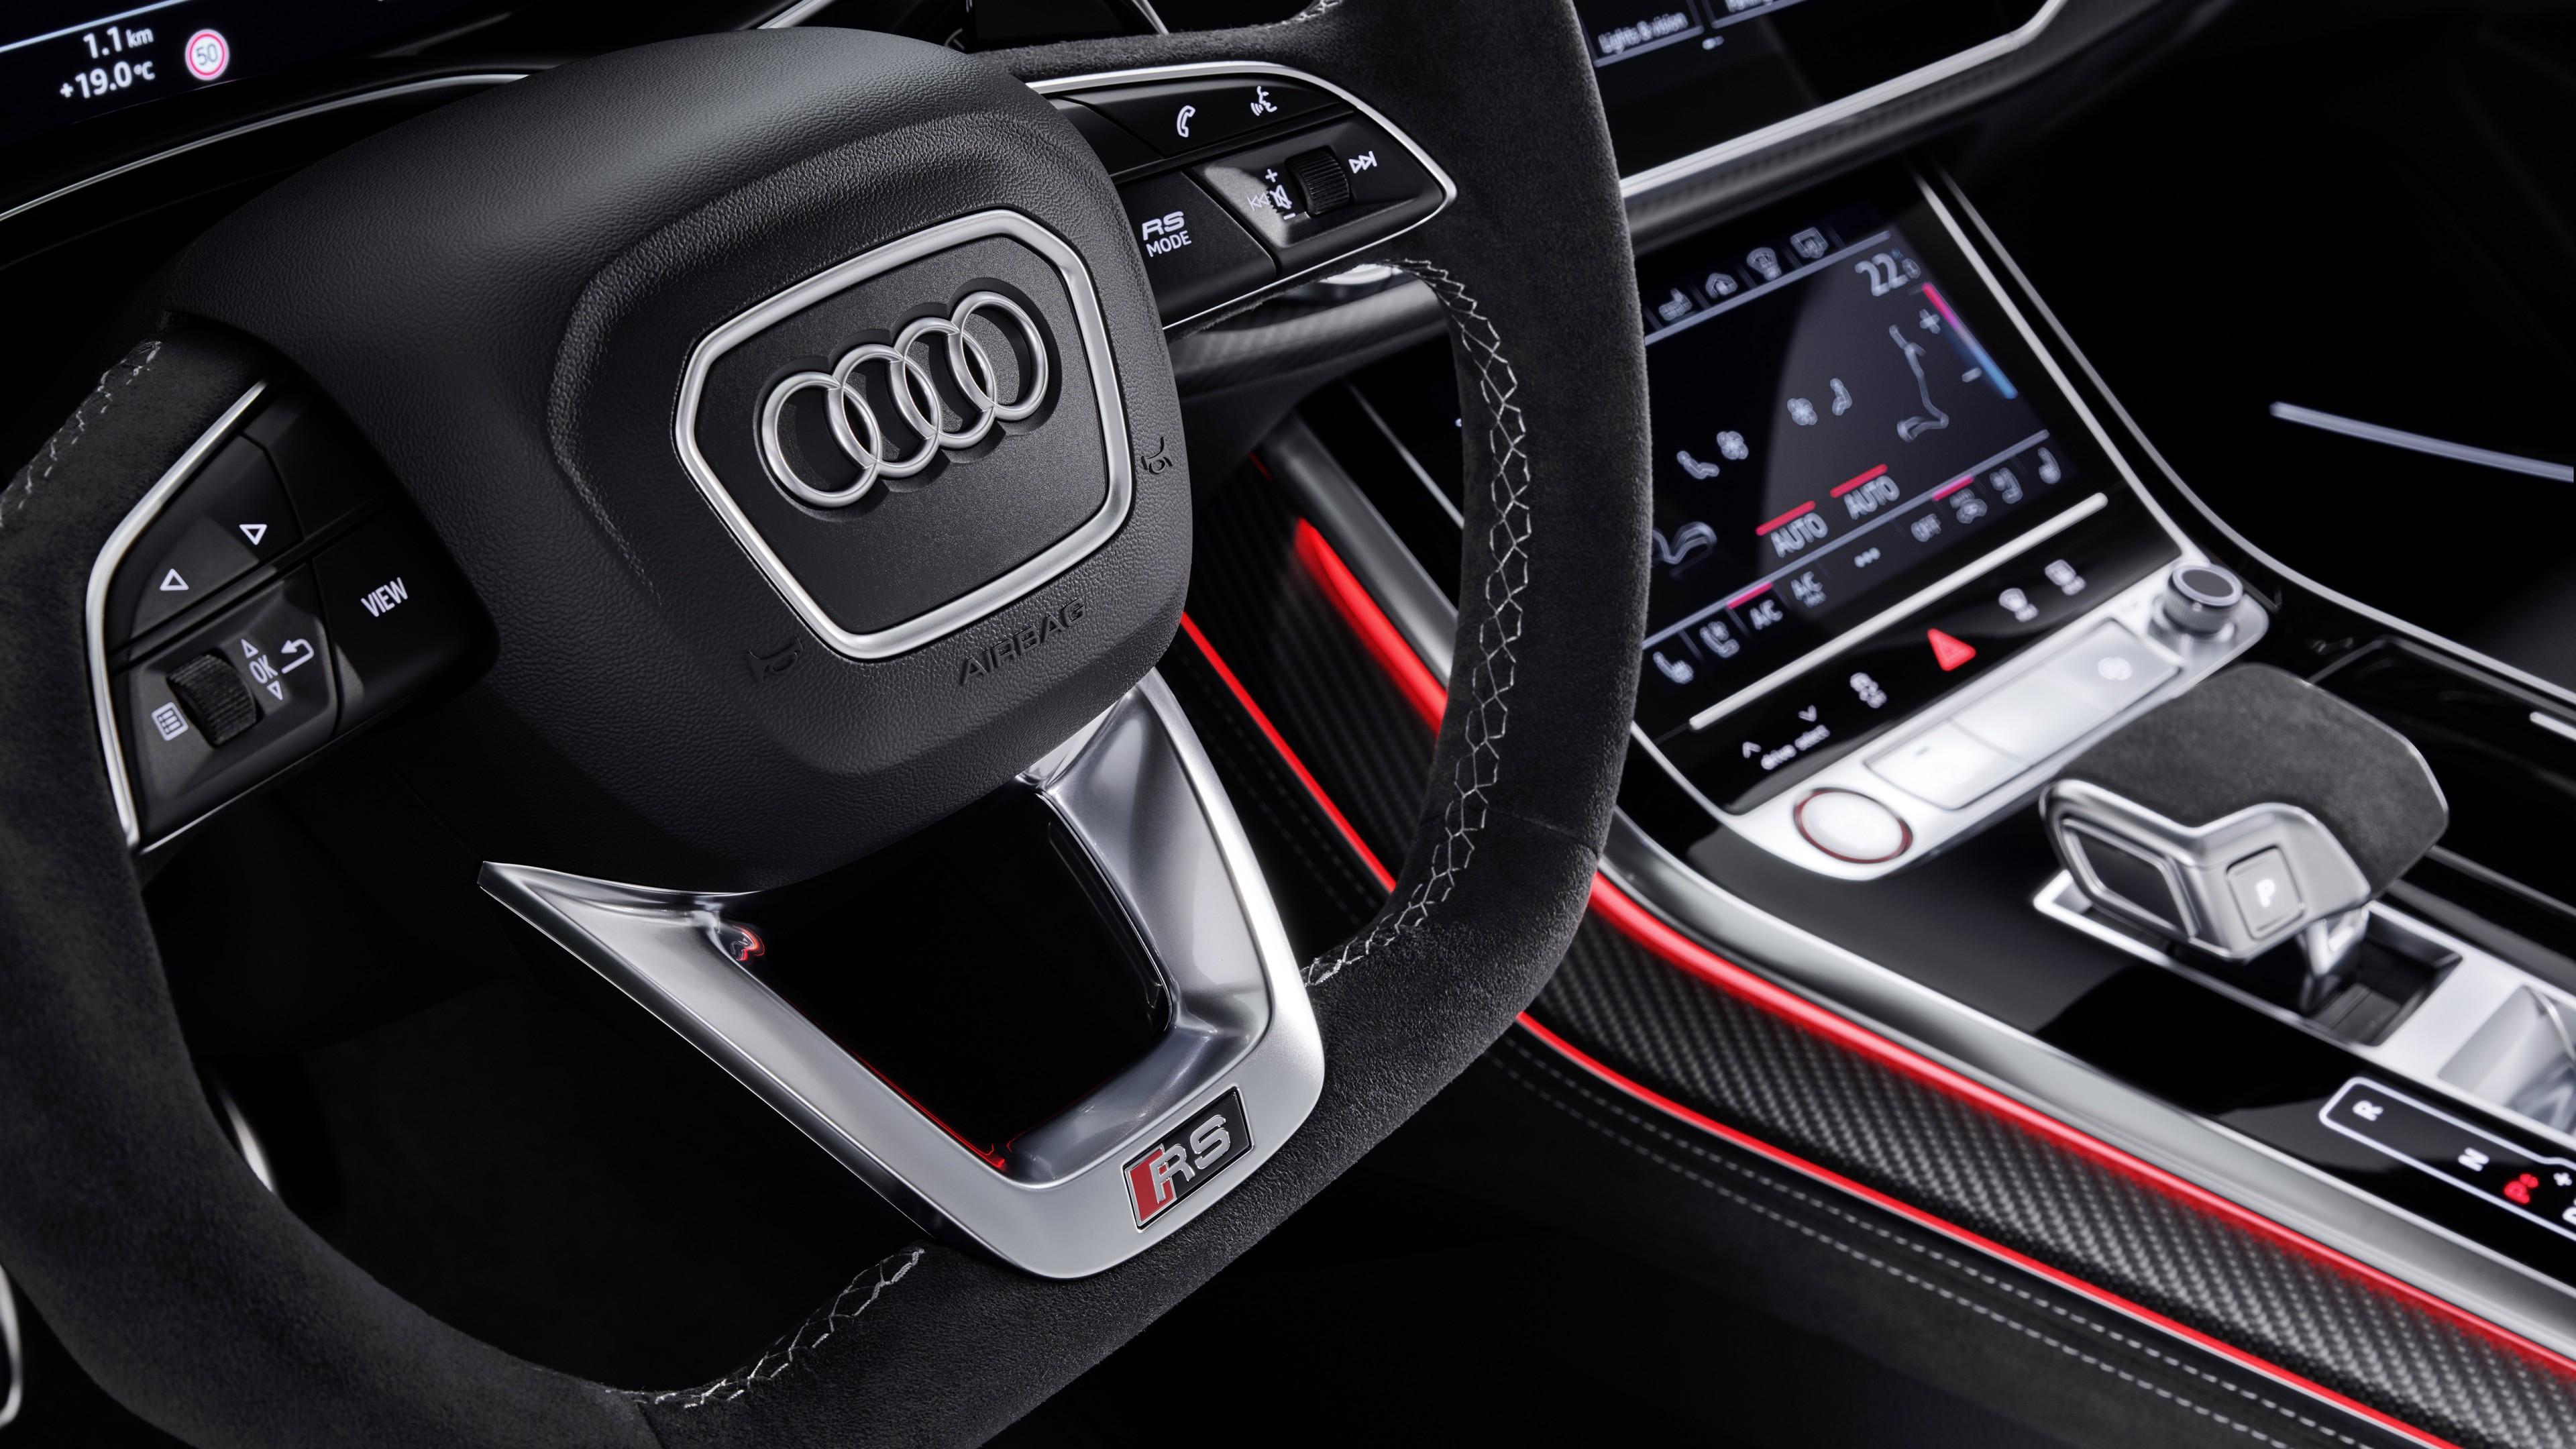 Audi Rs Q8 2020 4k Interior Wallpaper Hd Car Wallpapers Id 13704 Audi rs q8 2020 4k interior wallpaper